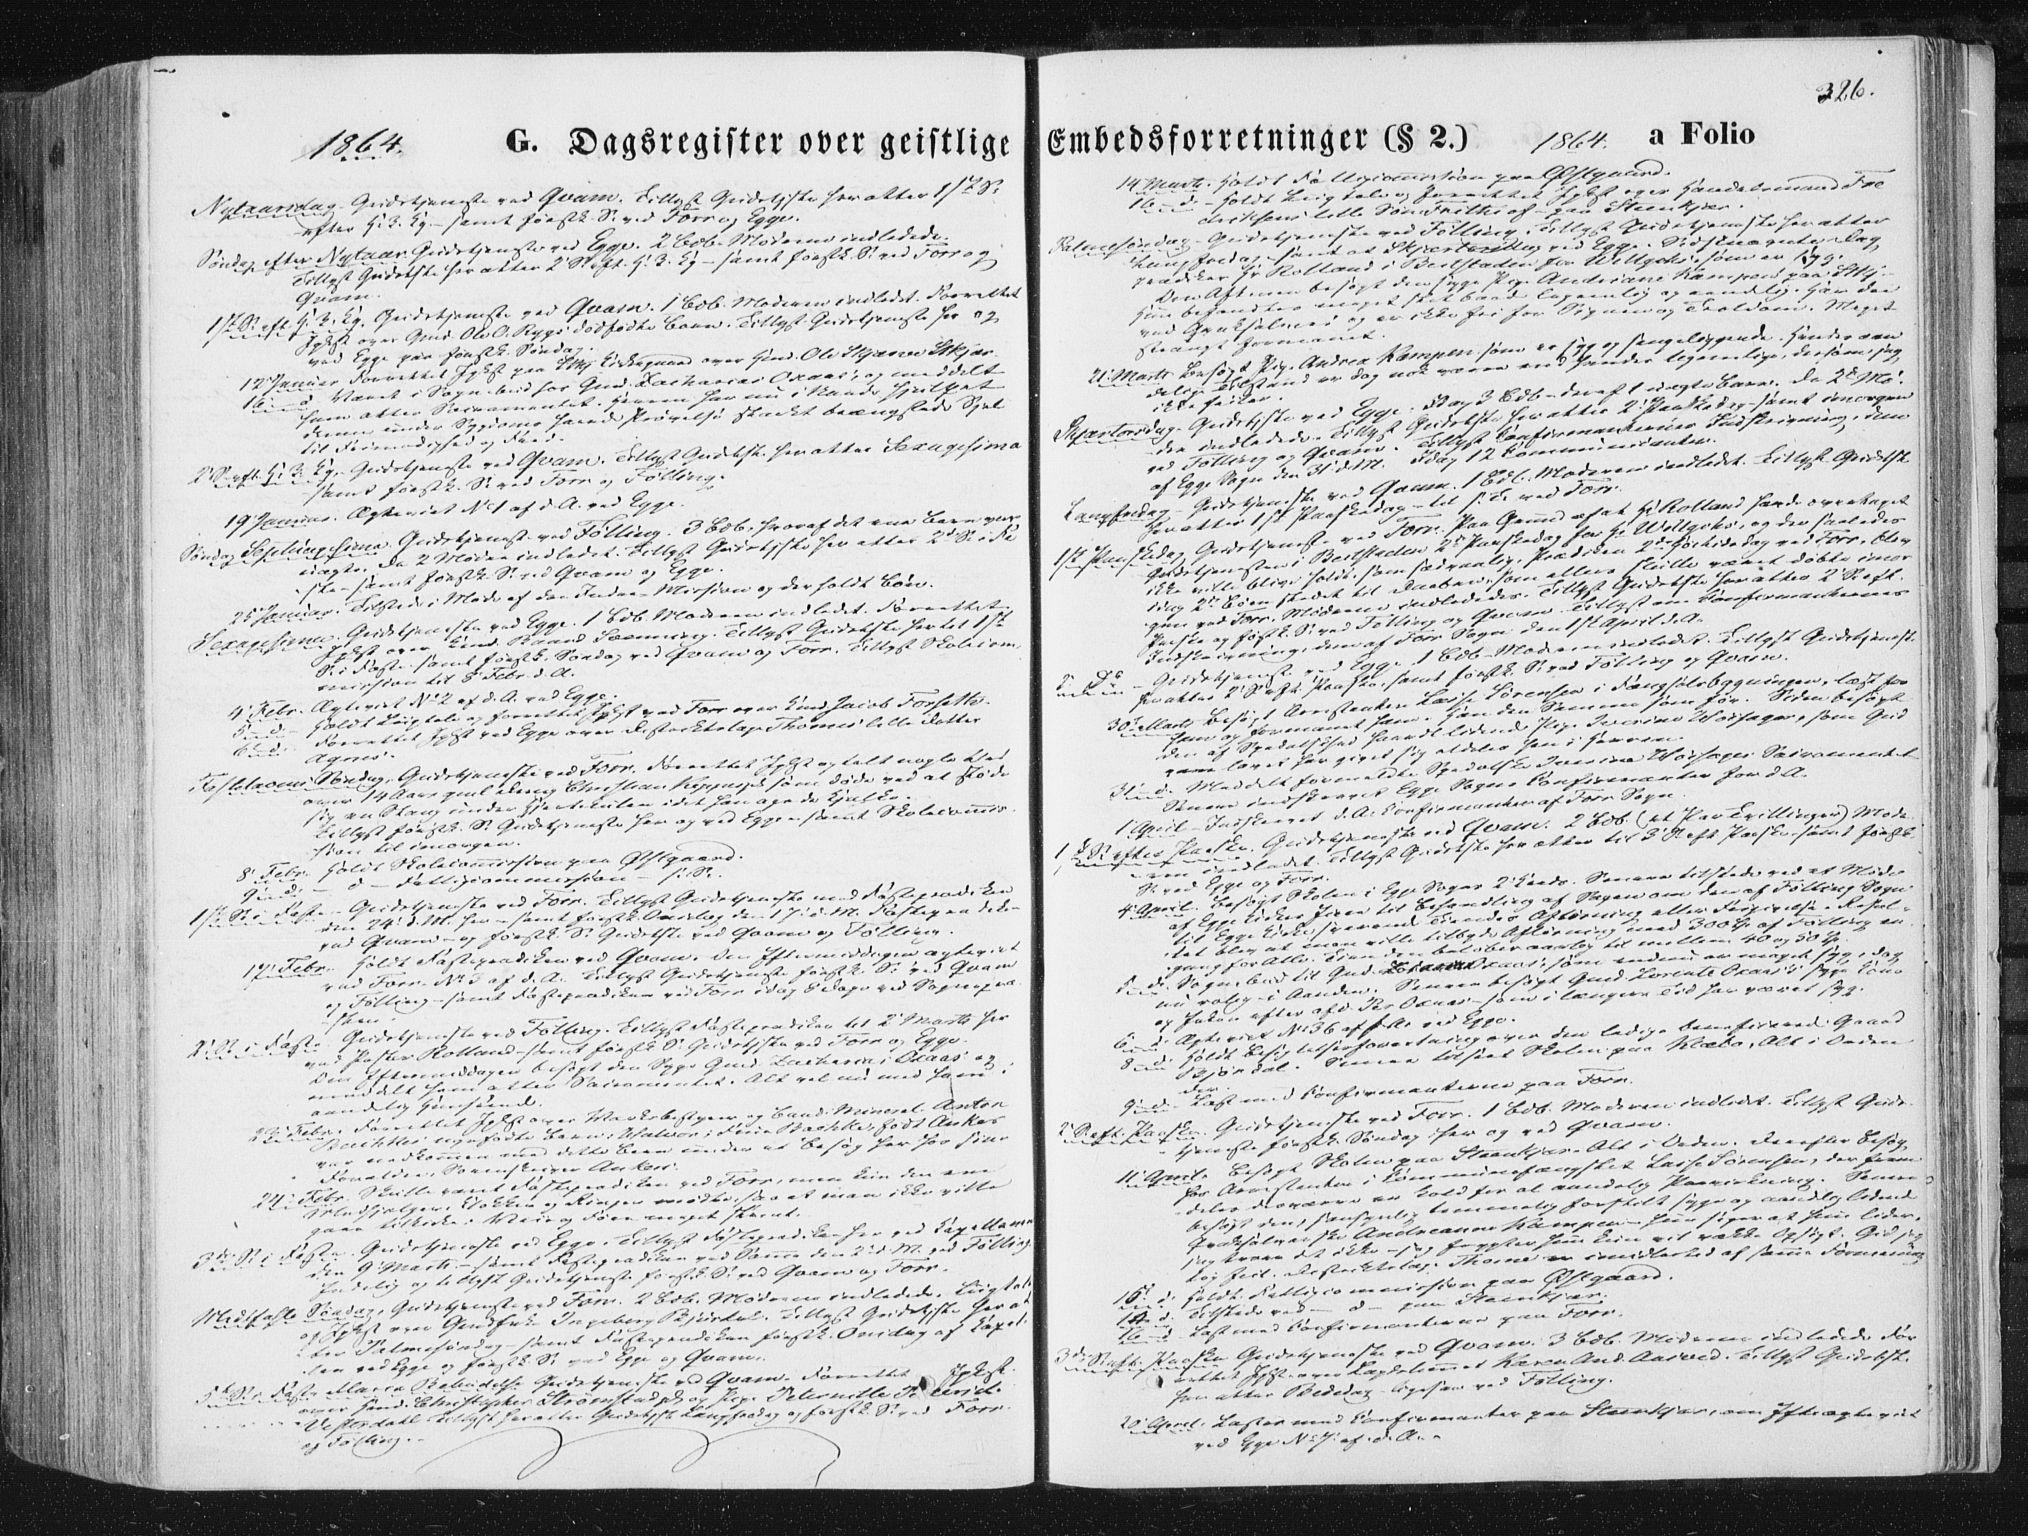 SAT, Ministerialprotokoller, klokkerbøker og fødselsregistre - Nord-Trøndelag, 746/L0447: Ministerialbok nr. 746A06, 1860-1877, s. 326